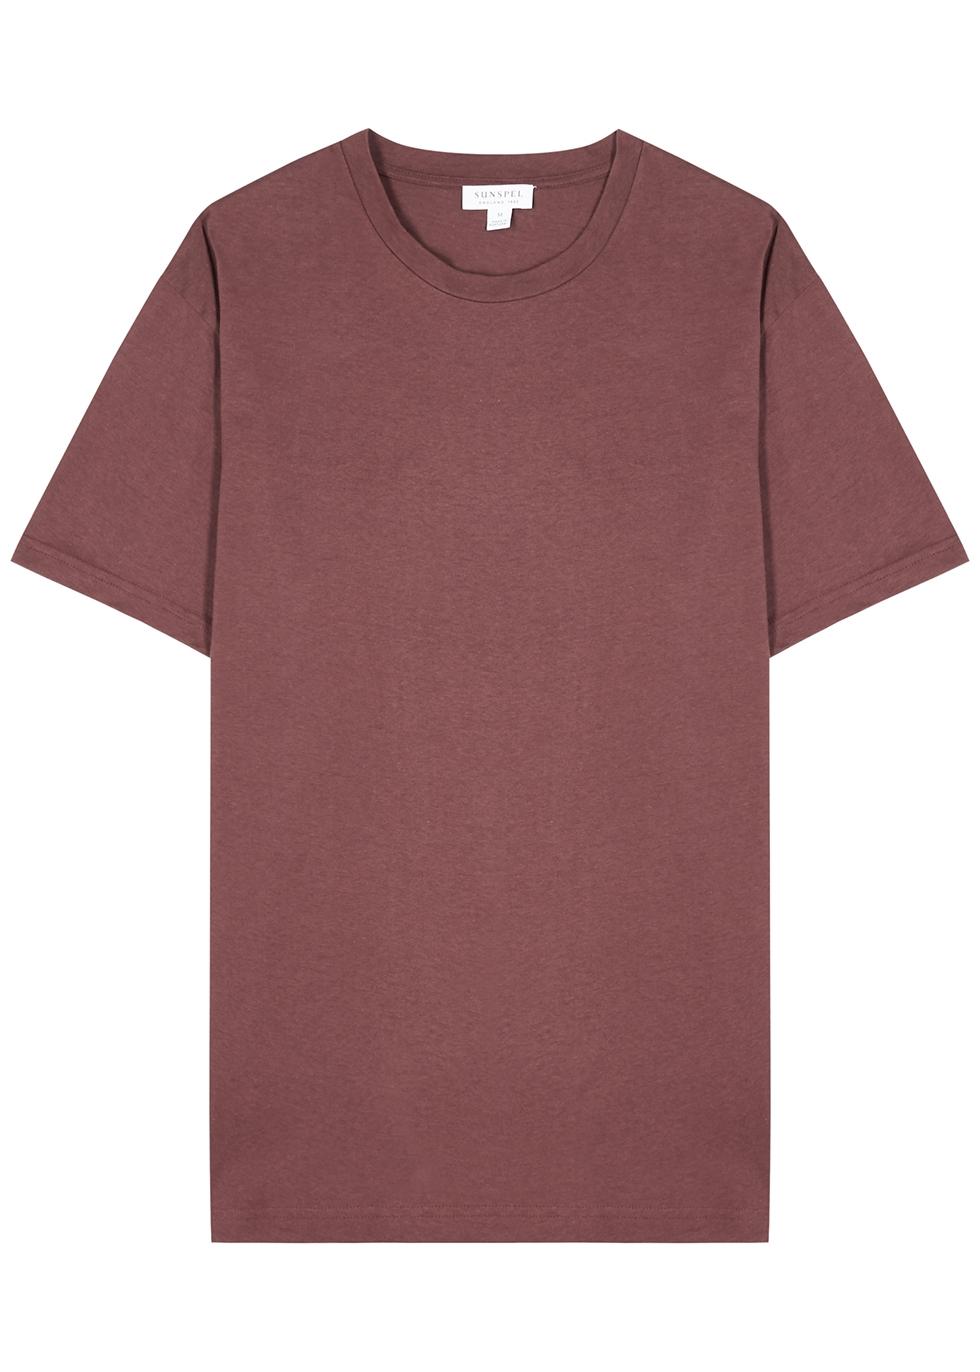 Riviera burgundy cotton T-shirt